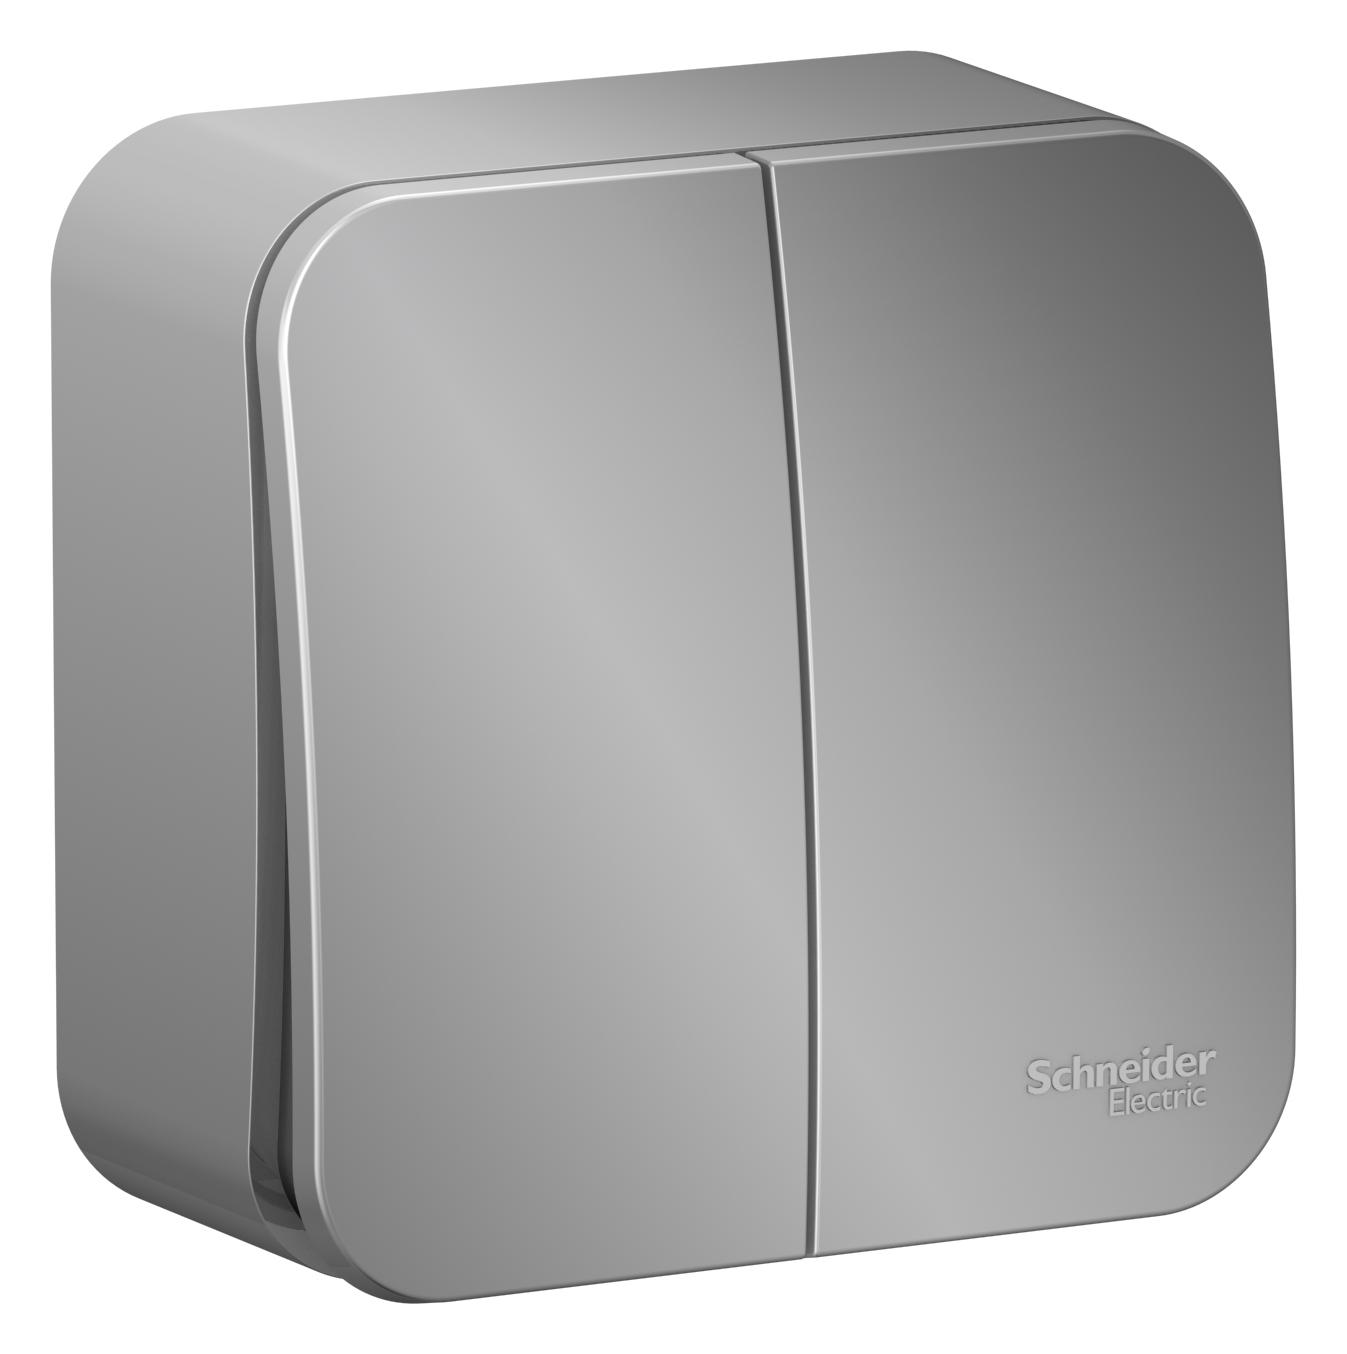 Купить Выключатель Schneider electric Blnva105013 blanca